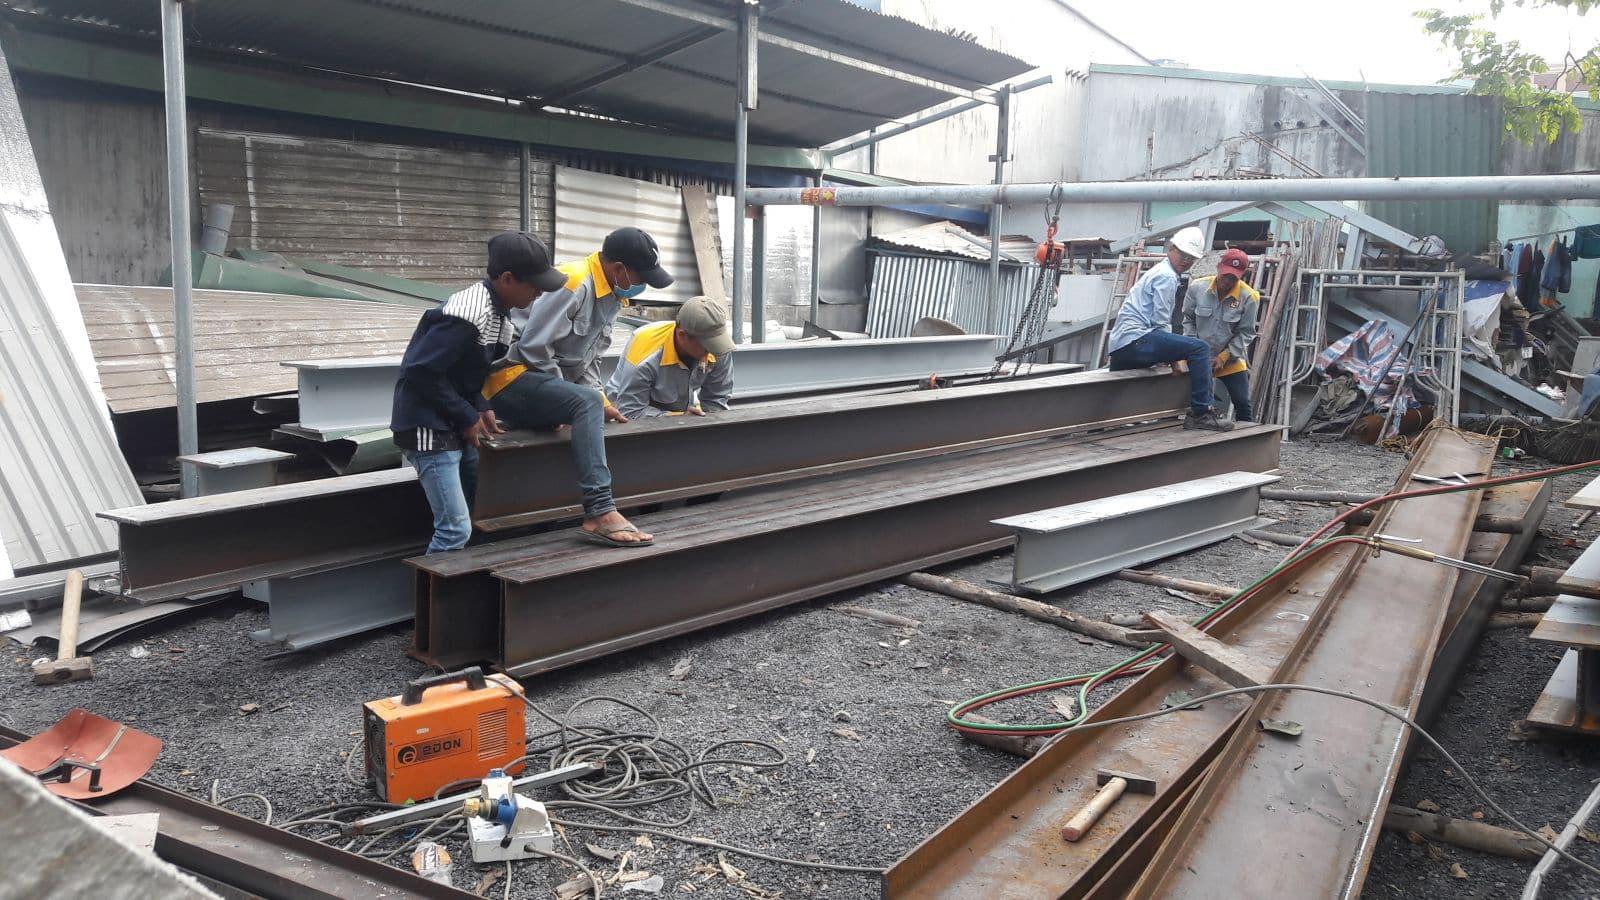 Thi công nhà phố kết cấu thép gia đình chị Quỳnh Chi tại Hố Nai - Biên Hòa - Đồng Nai - Ảnh công trường 6